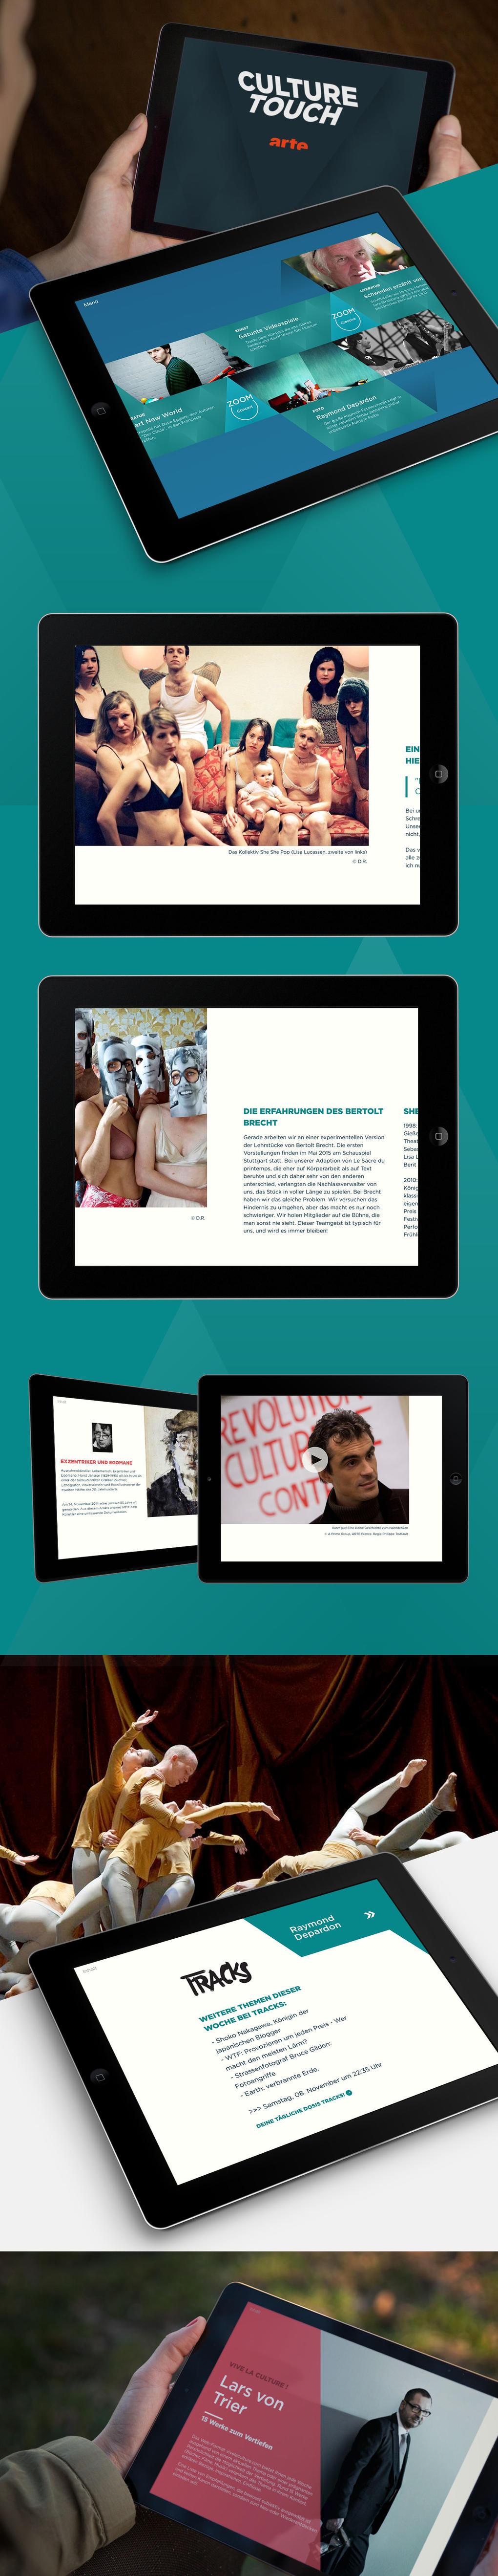 """Die Tablet-App """"Culture Touch"""" von ARTE"""